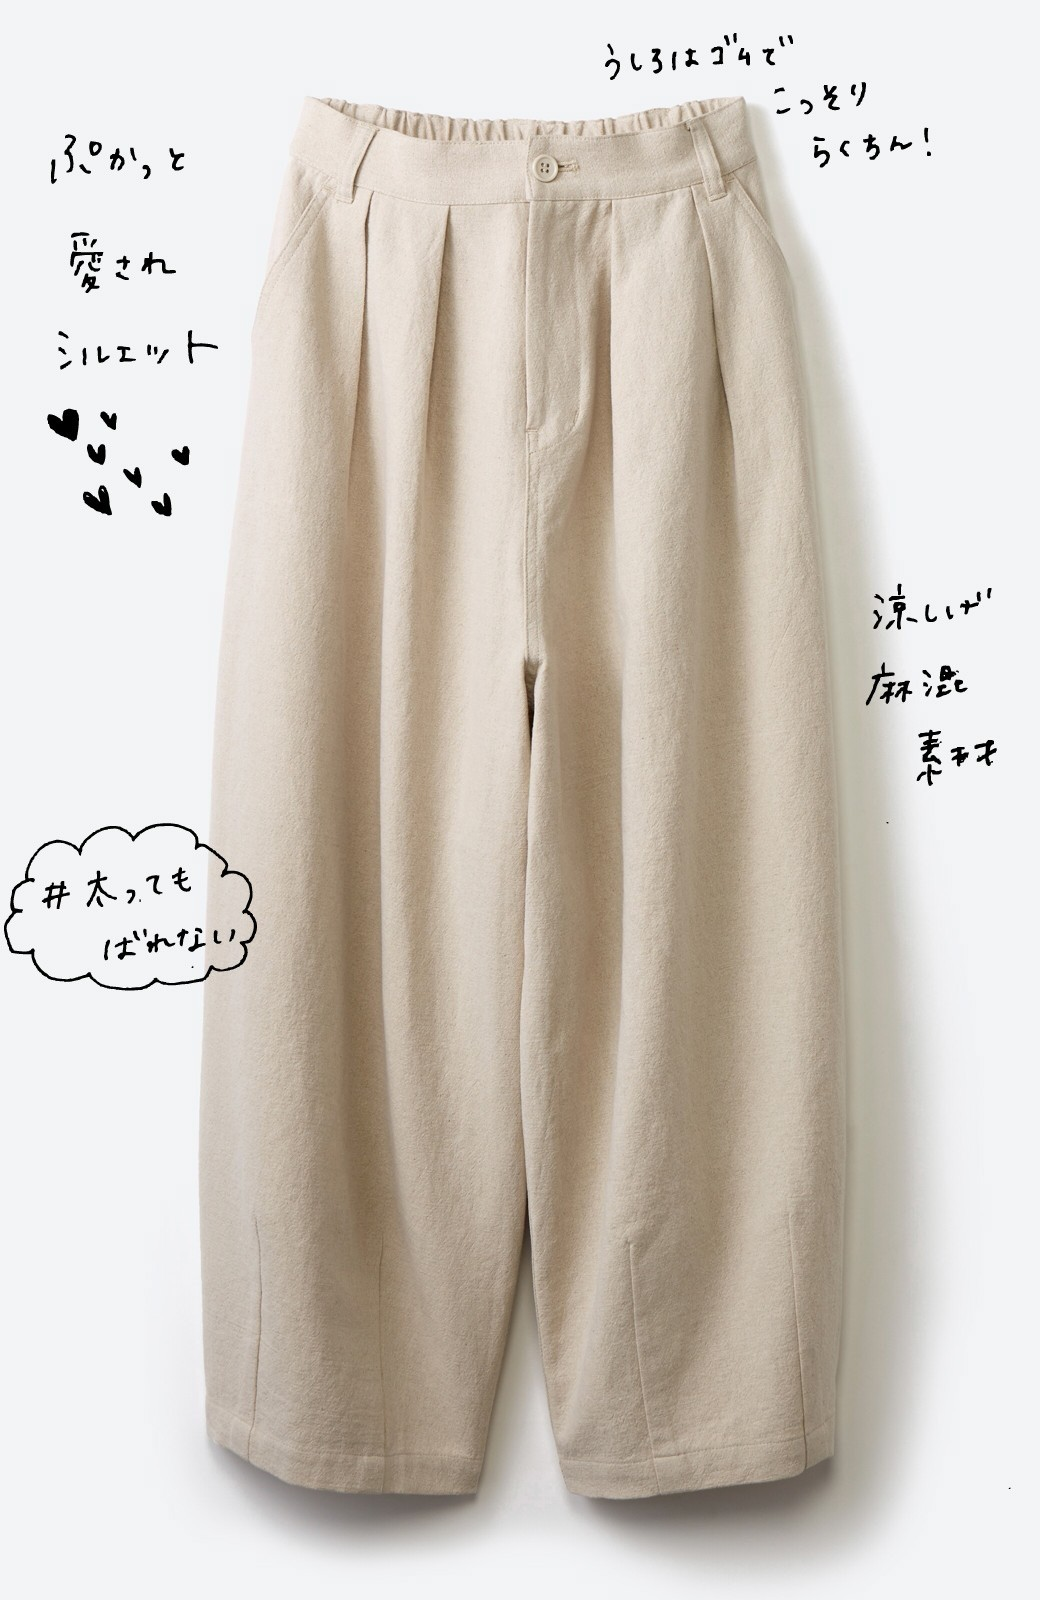 haco! 2キロ太ってもばれない 綿麻ボリュームパンツ <ライトベージュ>の商品写真1